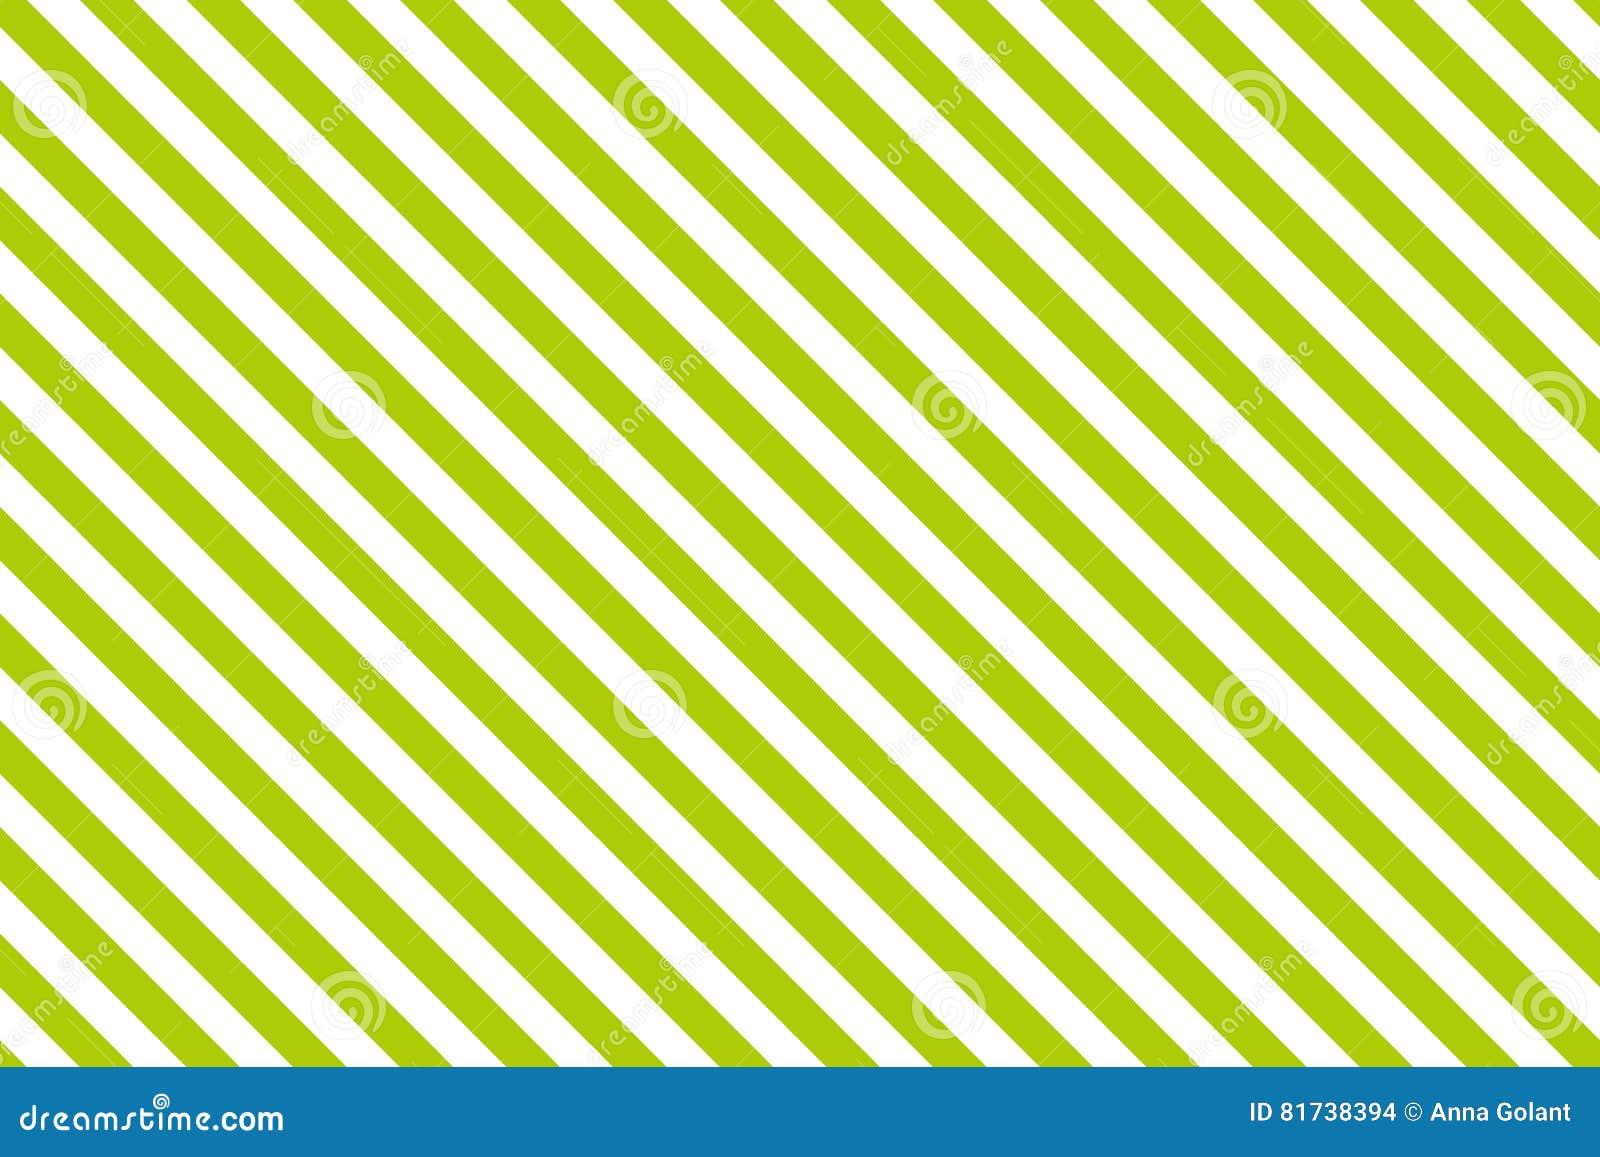 Fondo Blanco Con Verde: Rayas Verdes En El Fondo Blanco Ilustración Del Vector